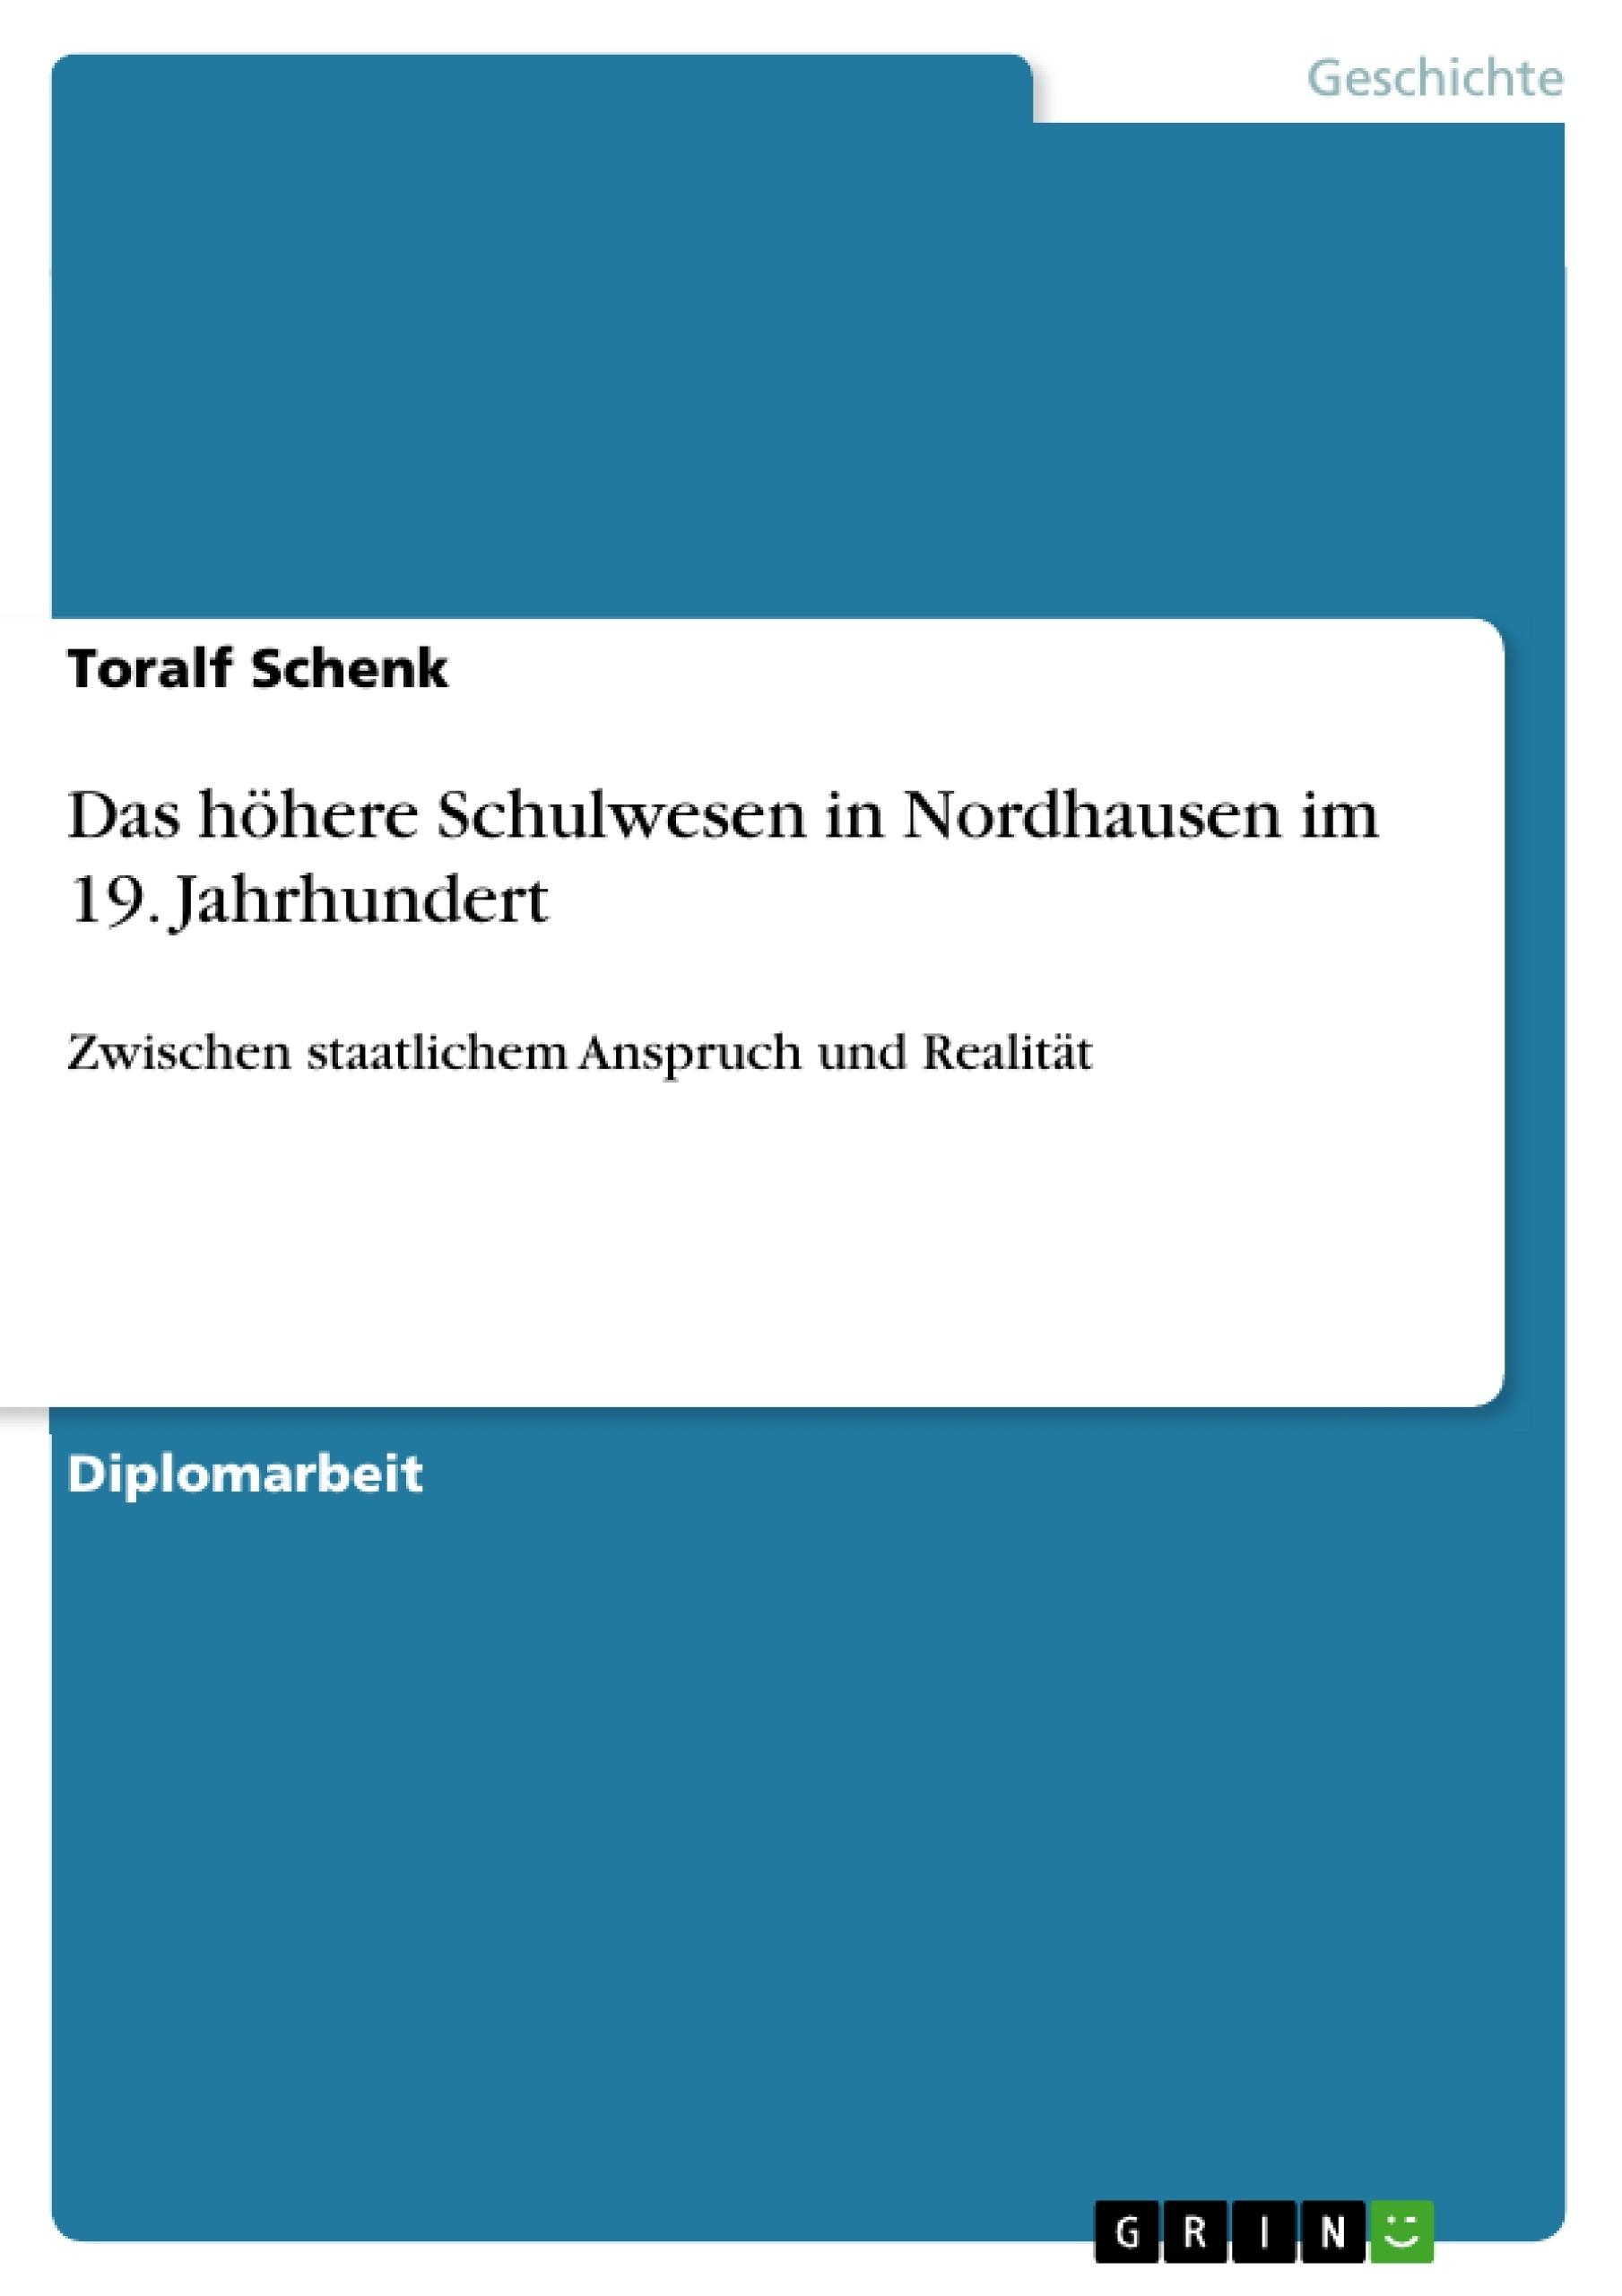 Titel: Das höhere Schulwesen in Nordhausen im 19. Jahrhundert